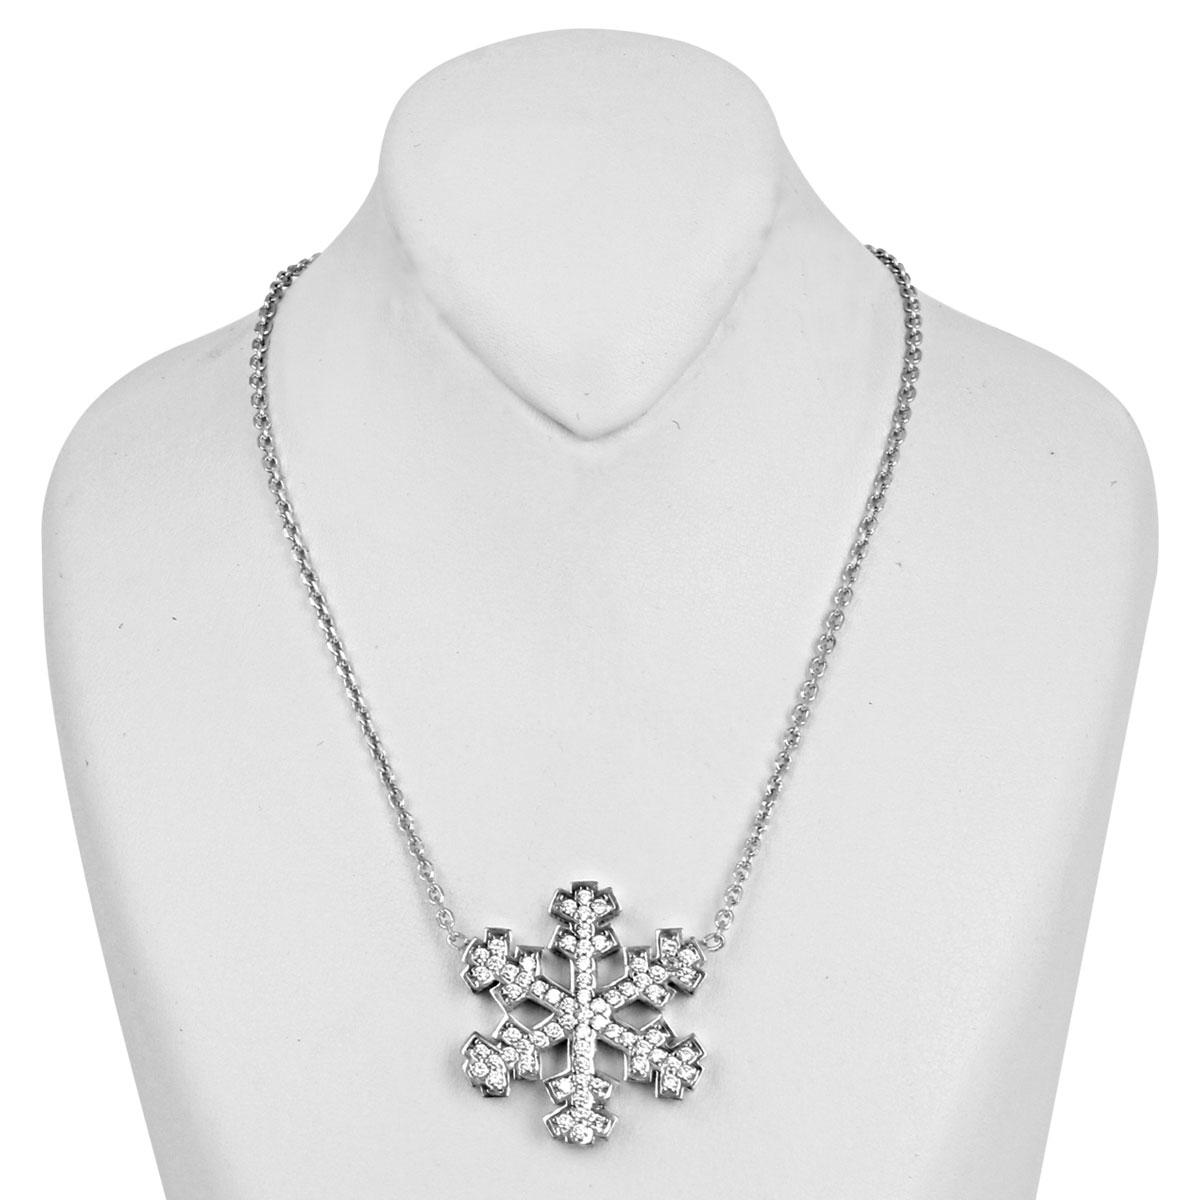 خرید گردنبند نقره زنانه مدل دانه برف